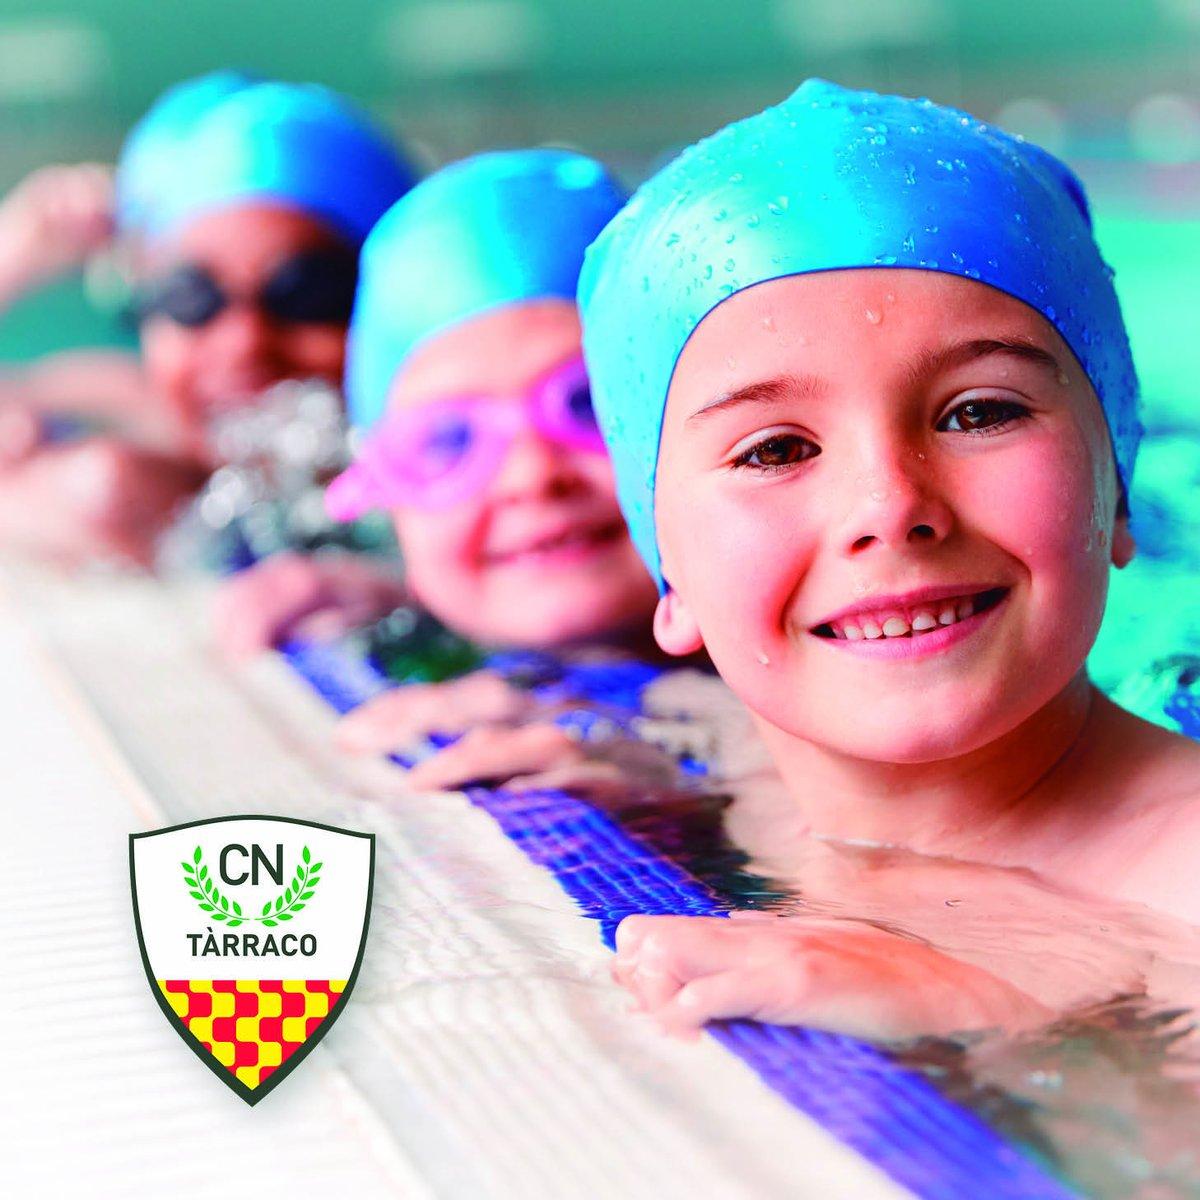 El proper 16 de setembre comencem amb els cursets natació! Tria 1 o 2 dies de dilluns a divendres o també dissabtes i diumenges als matins! Consulta a https://t.co/J21vFmNZG1 i demana'ns més informació a info@cntarraco.cat #natacio #cntarraco #aprenanedar #50anysensenyantanedar https://t.co/X4n0vDxQDn